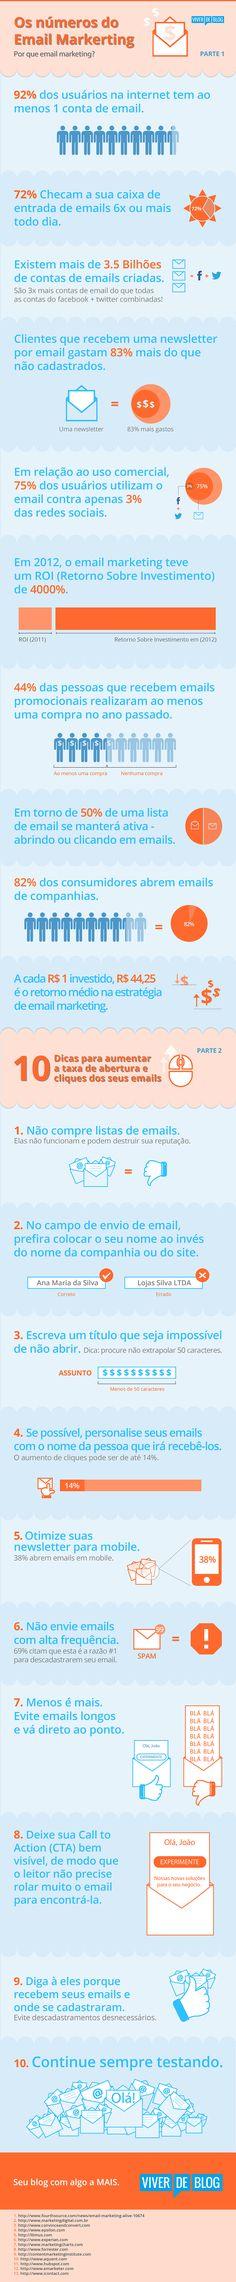 Quer saber absolutamente tudo sobre Email Marketing? Veja esse rico Infográfico para melhorar sua estratégia de comunicação via email.